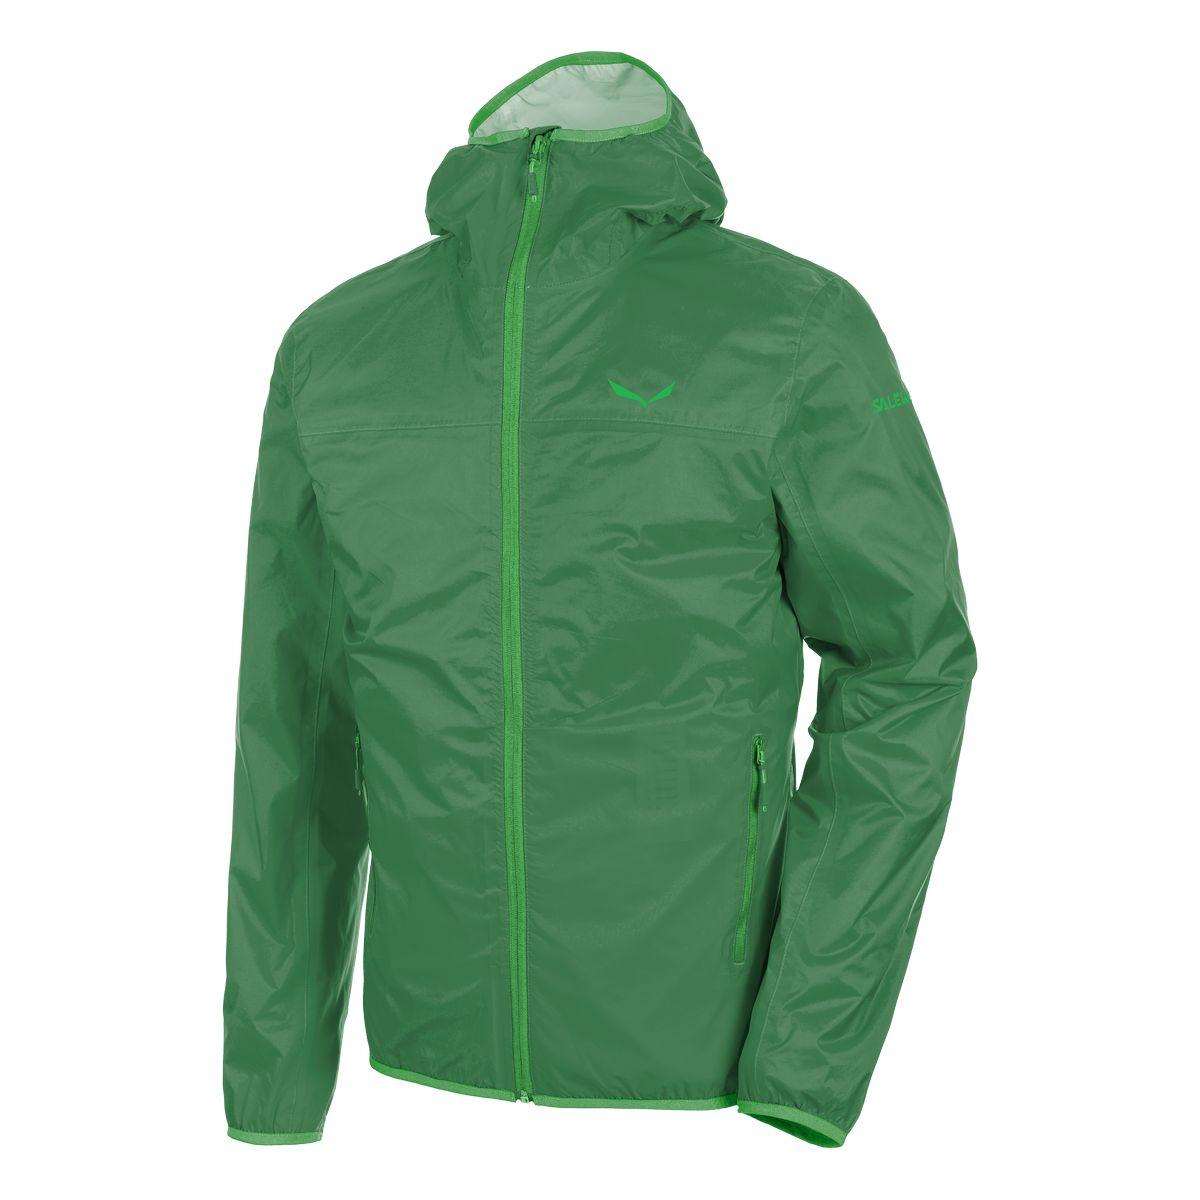 Куртка для активного отдыха Salewa 2016 PUEZ (BRAIES) RTC M JKT highland green/5950